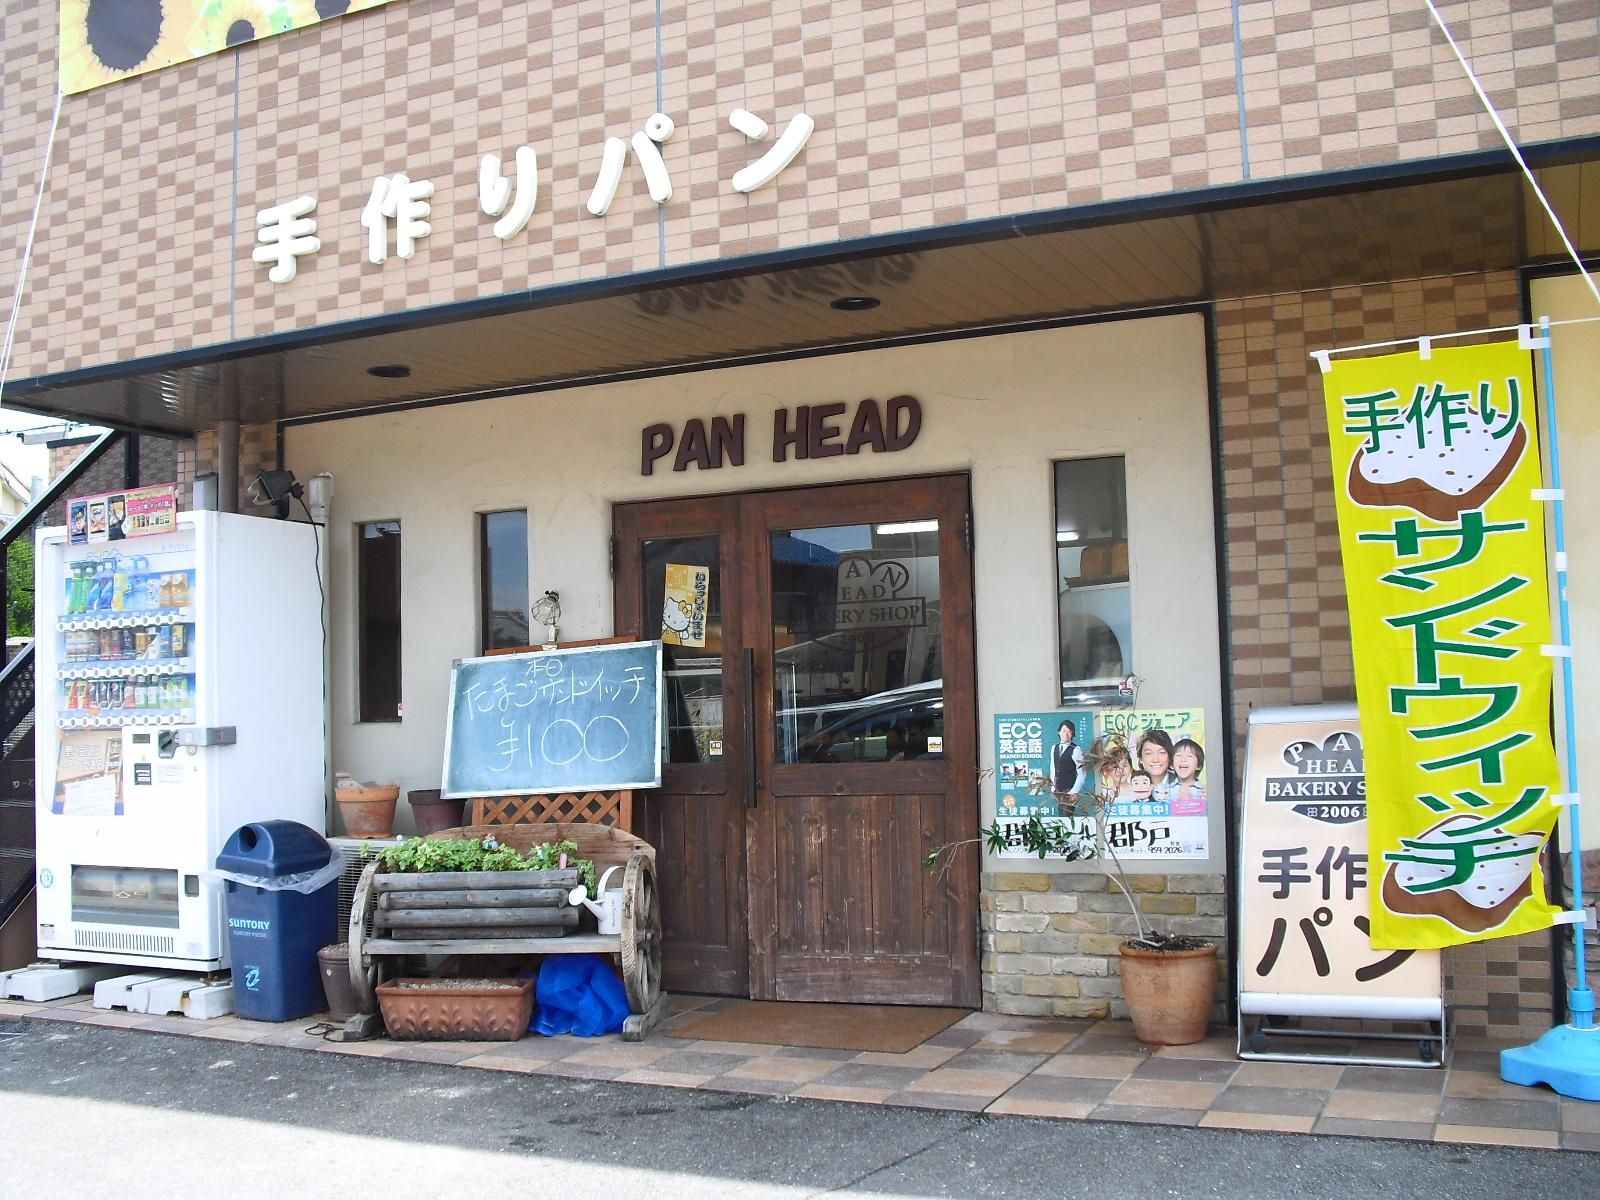 手作りパン PAN HEAD@大阪府羽曳野市はびきの : 求夢洞